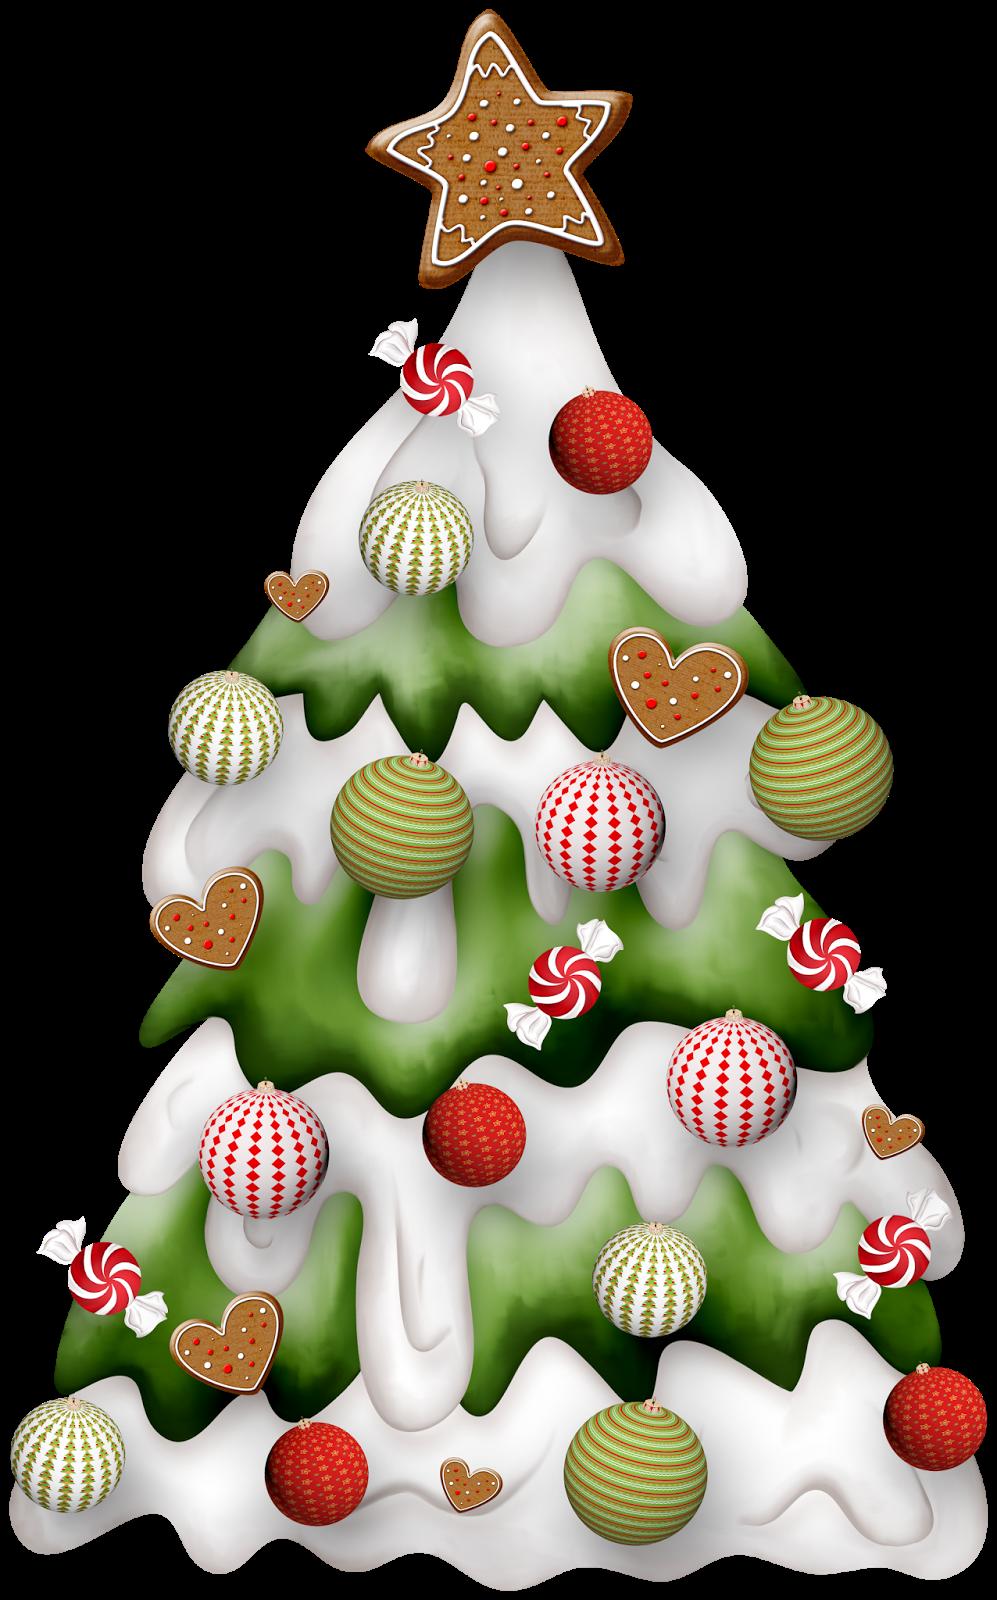 0 C26ad 1087fc91 Orig Png 997 1600 Imagenes De Arbol De Navidad Imagenes De Navidad Graficos De Navidad